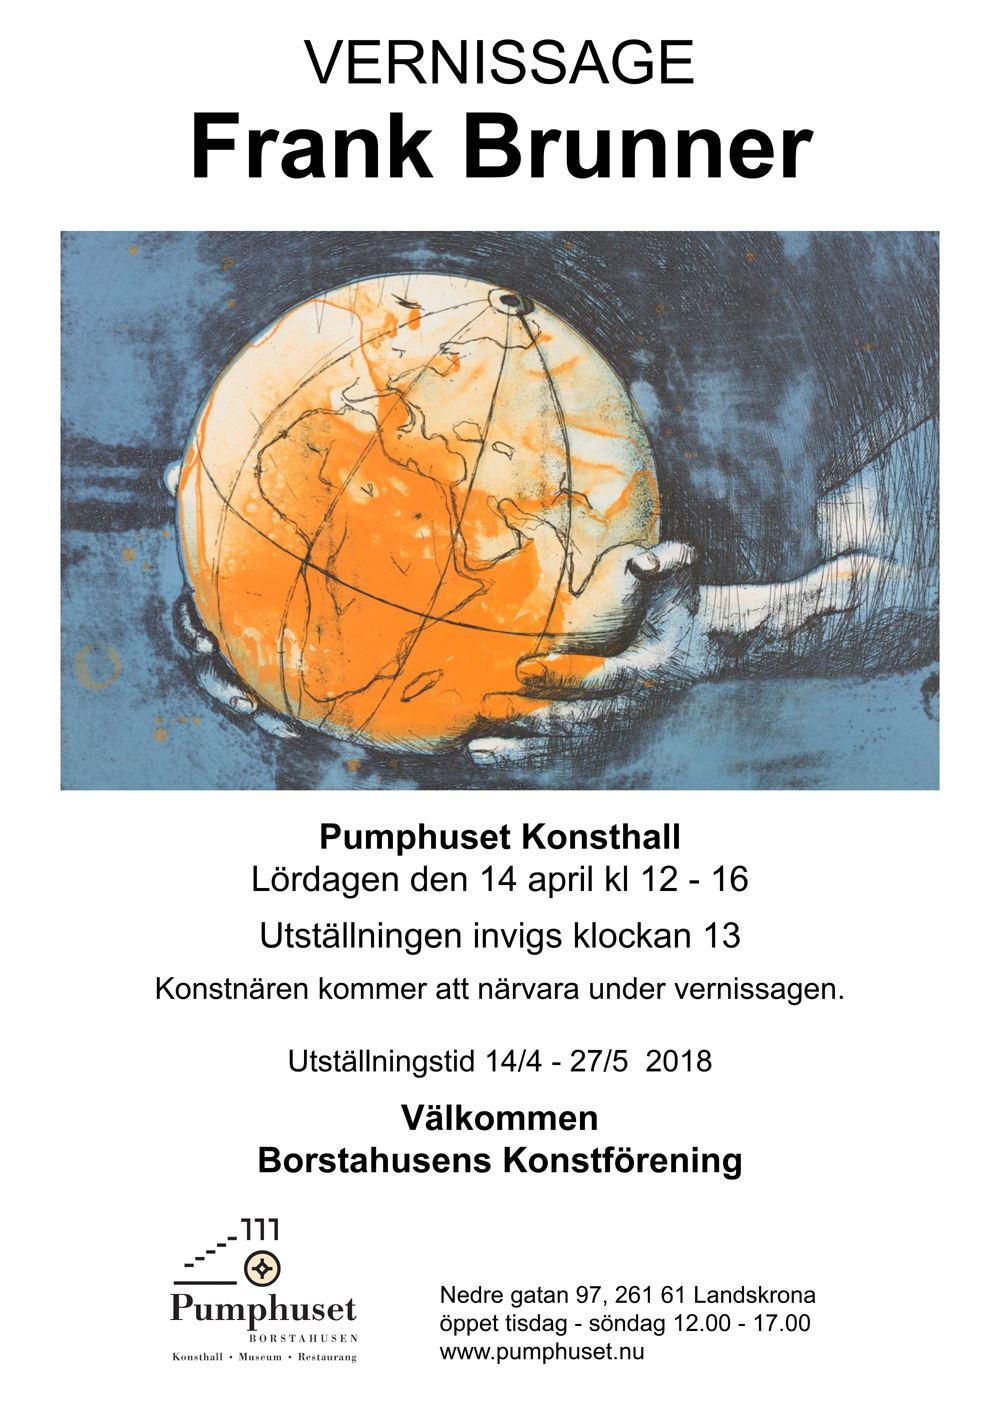 Frank Brunner utställning på Pumphuset